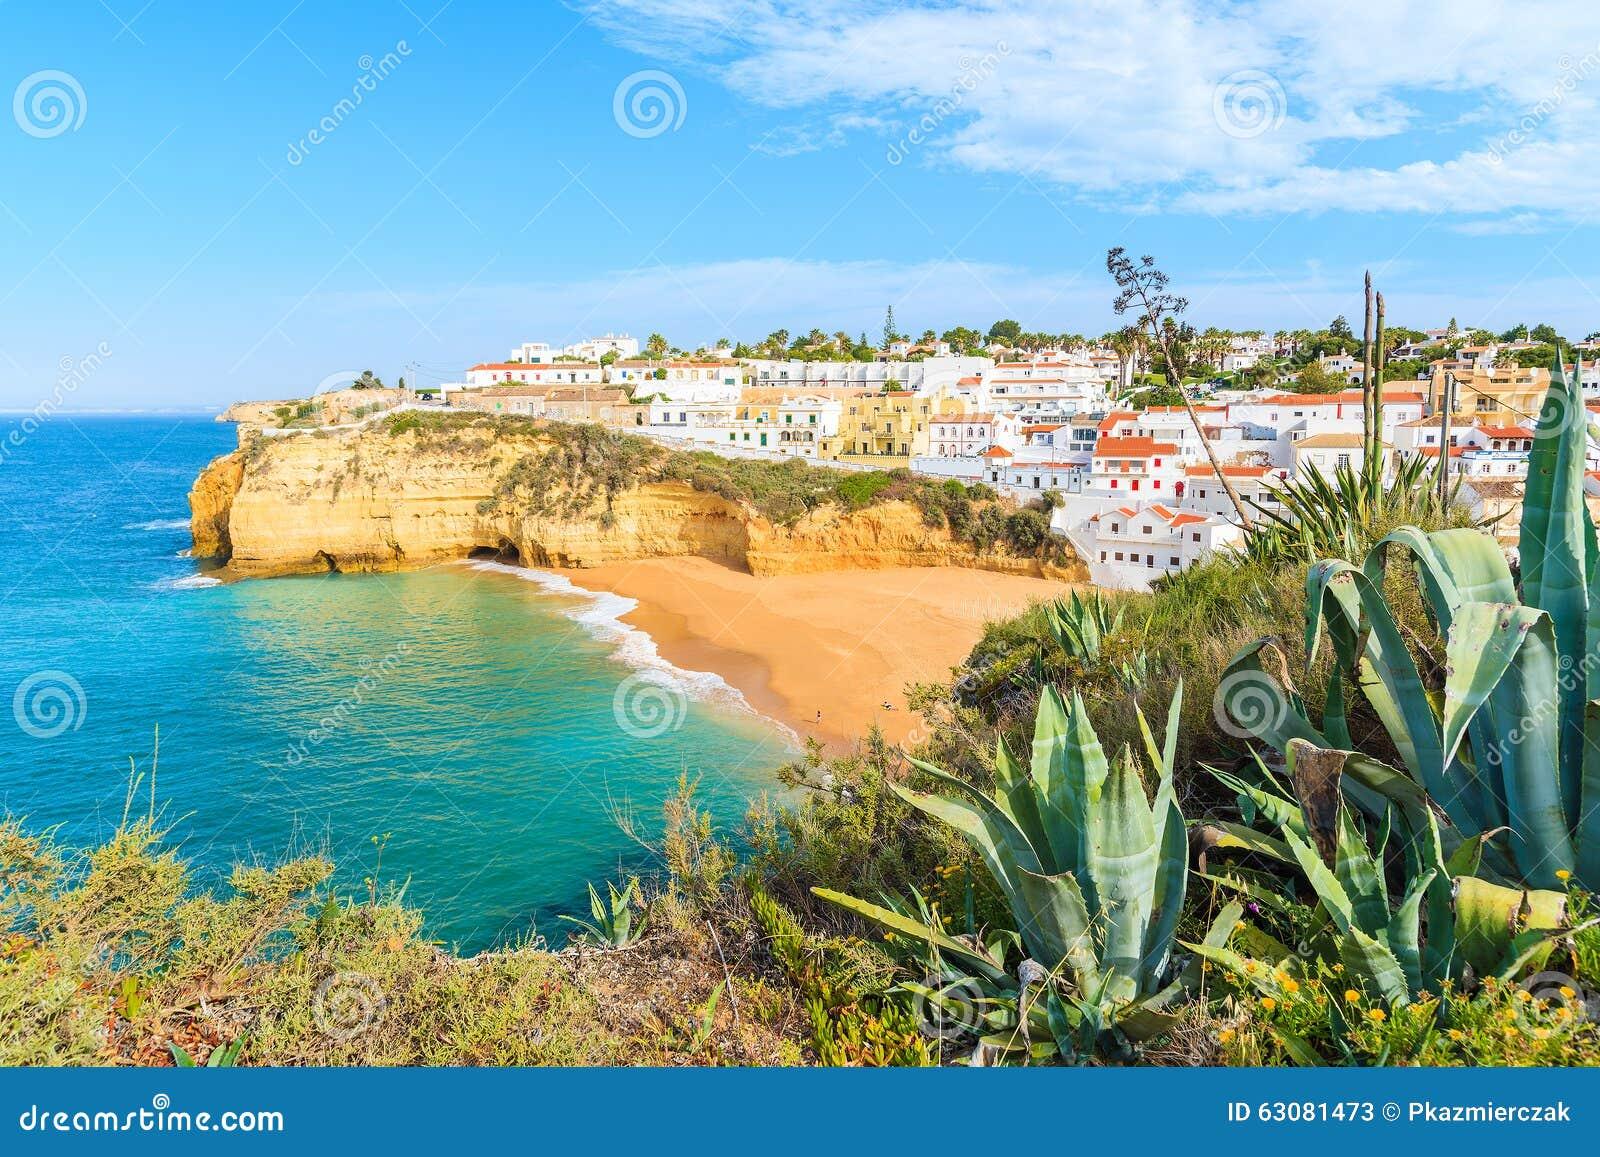 Download Une Vue De Village De Pêche De Carvoeiro Image stock - Image du roche, construction: 63081473